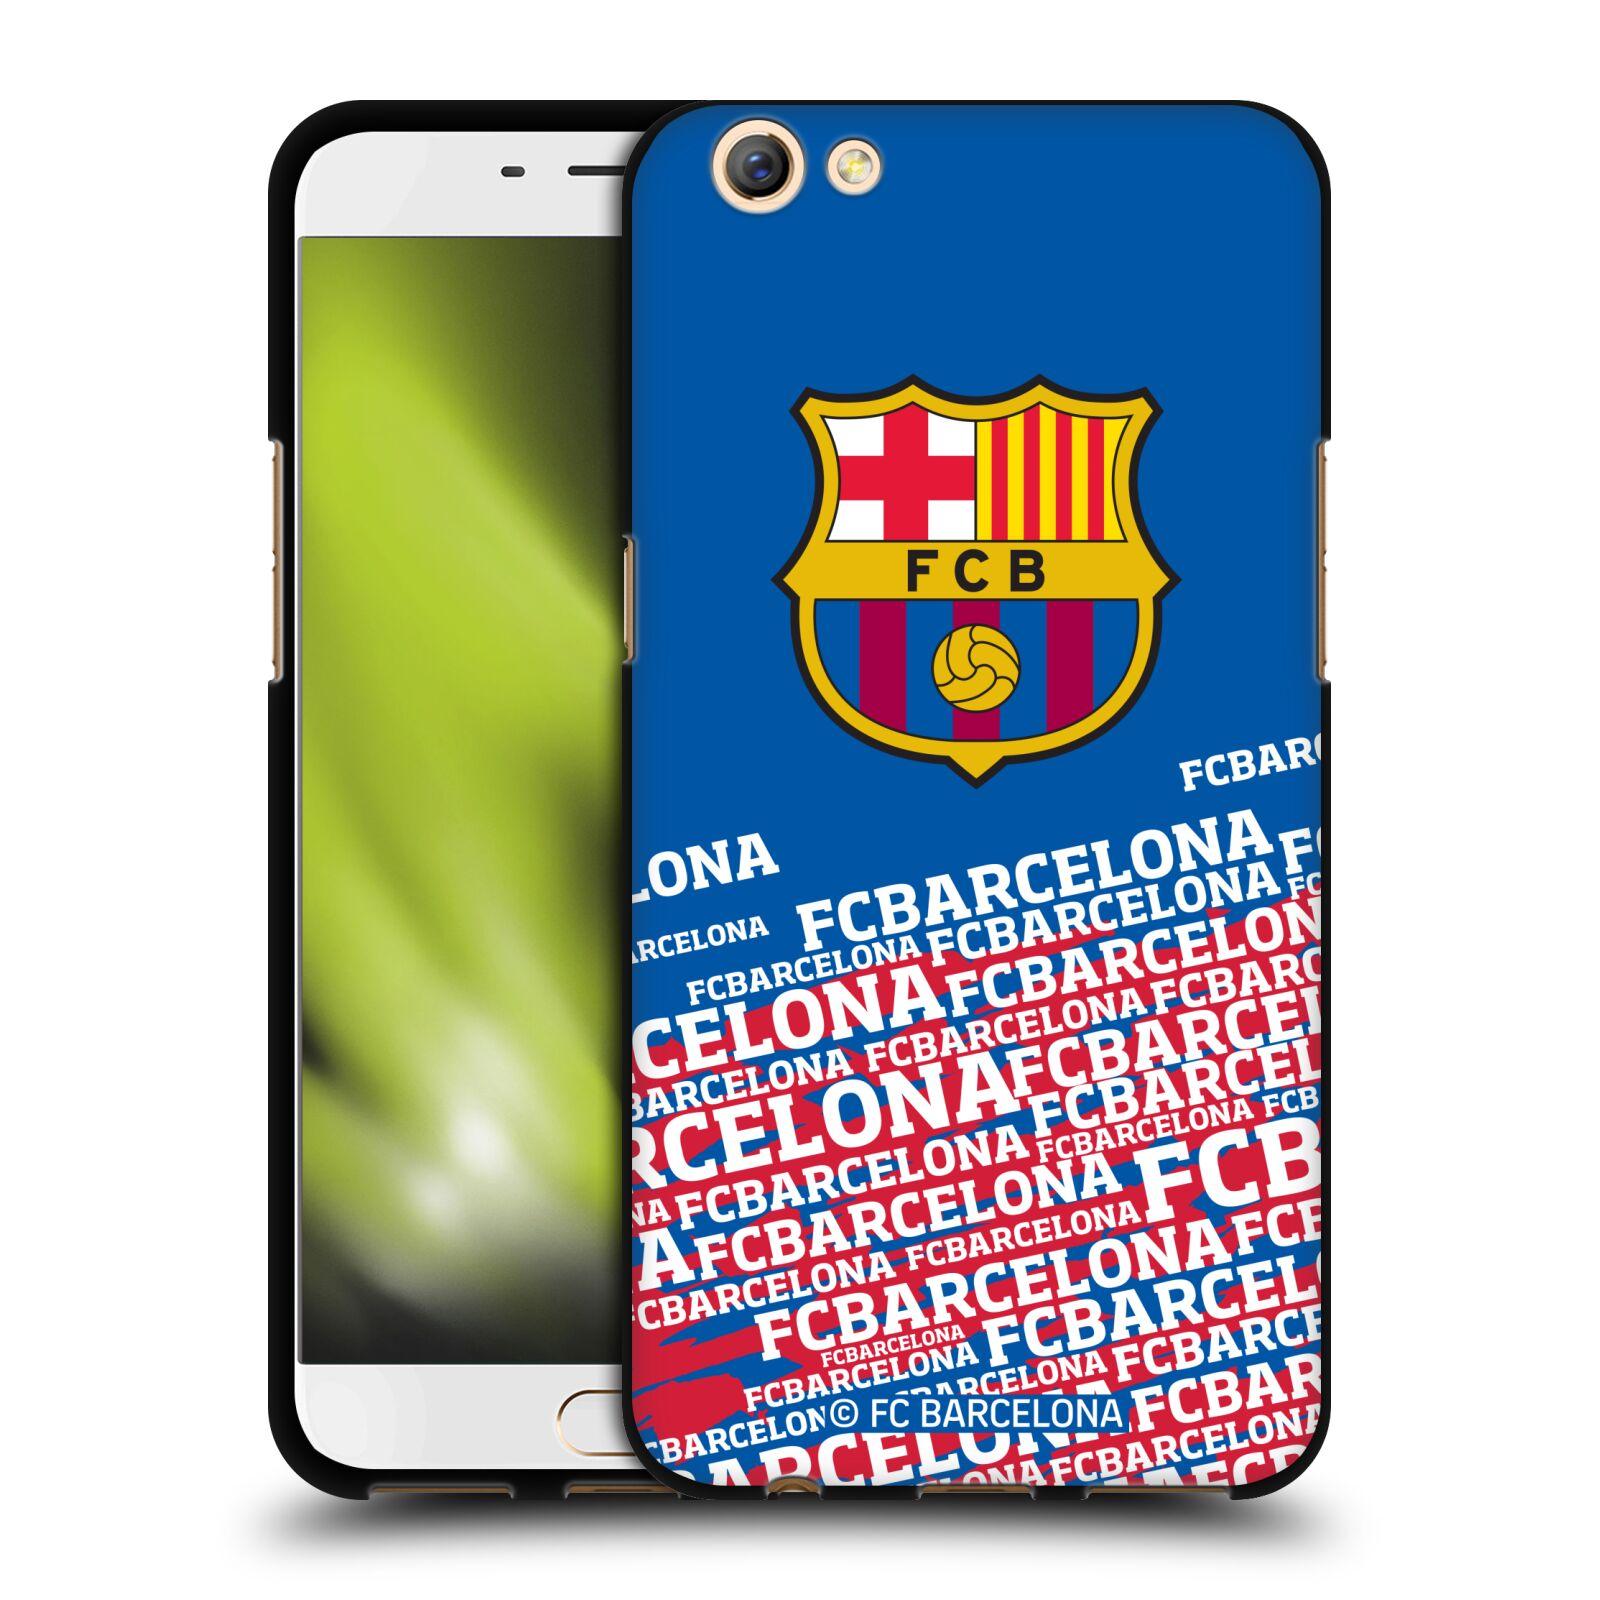 OFFICIAL-FC-BARCELONA-2017-18-CREST-BLACK-SOFT-GEL-CASE-FOR-OPPO-PHONES